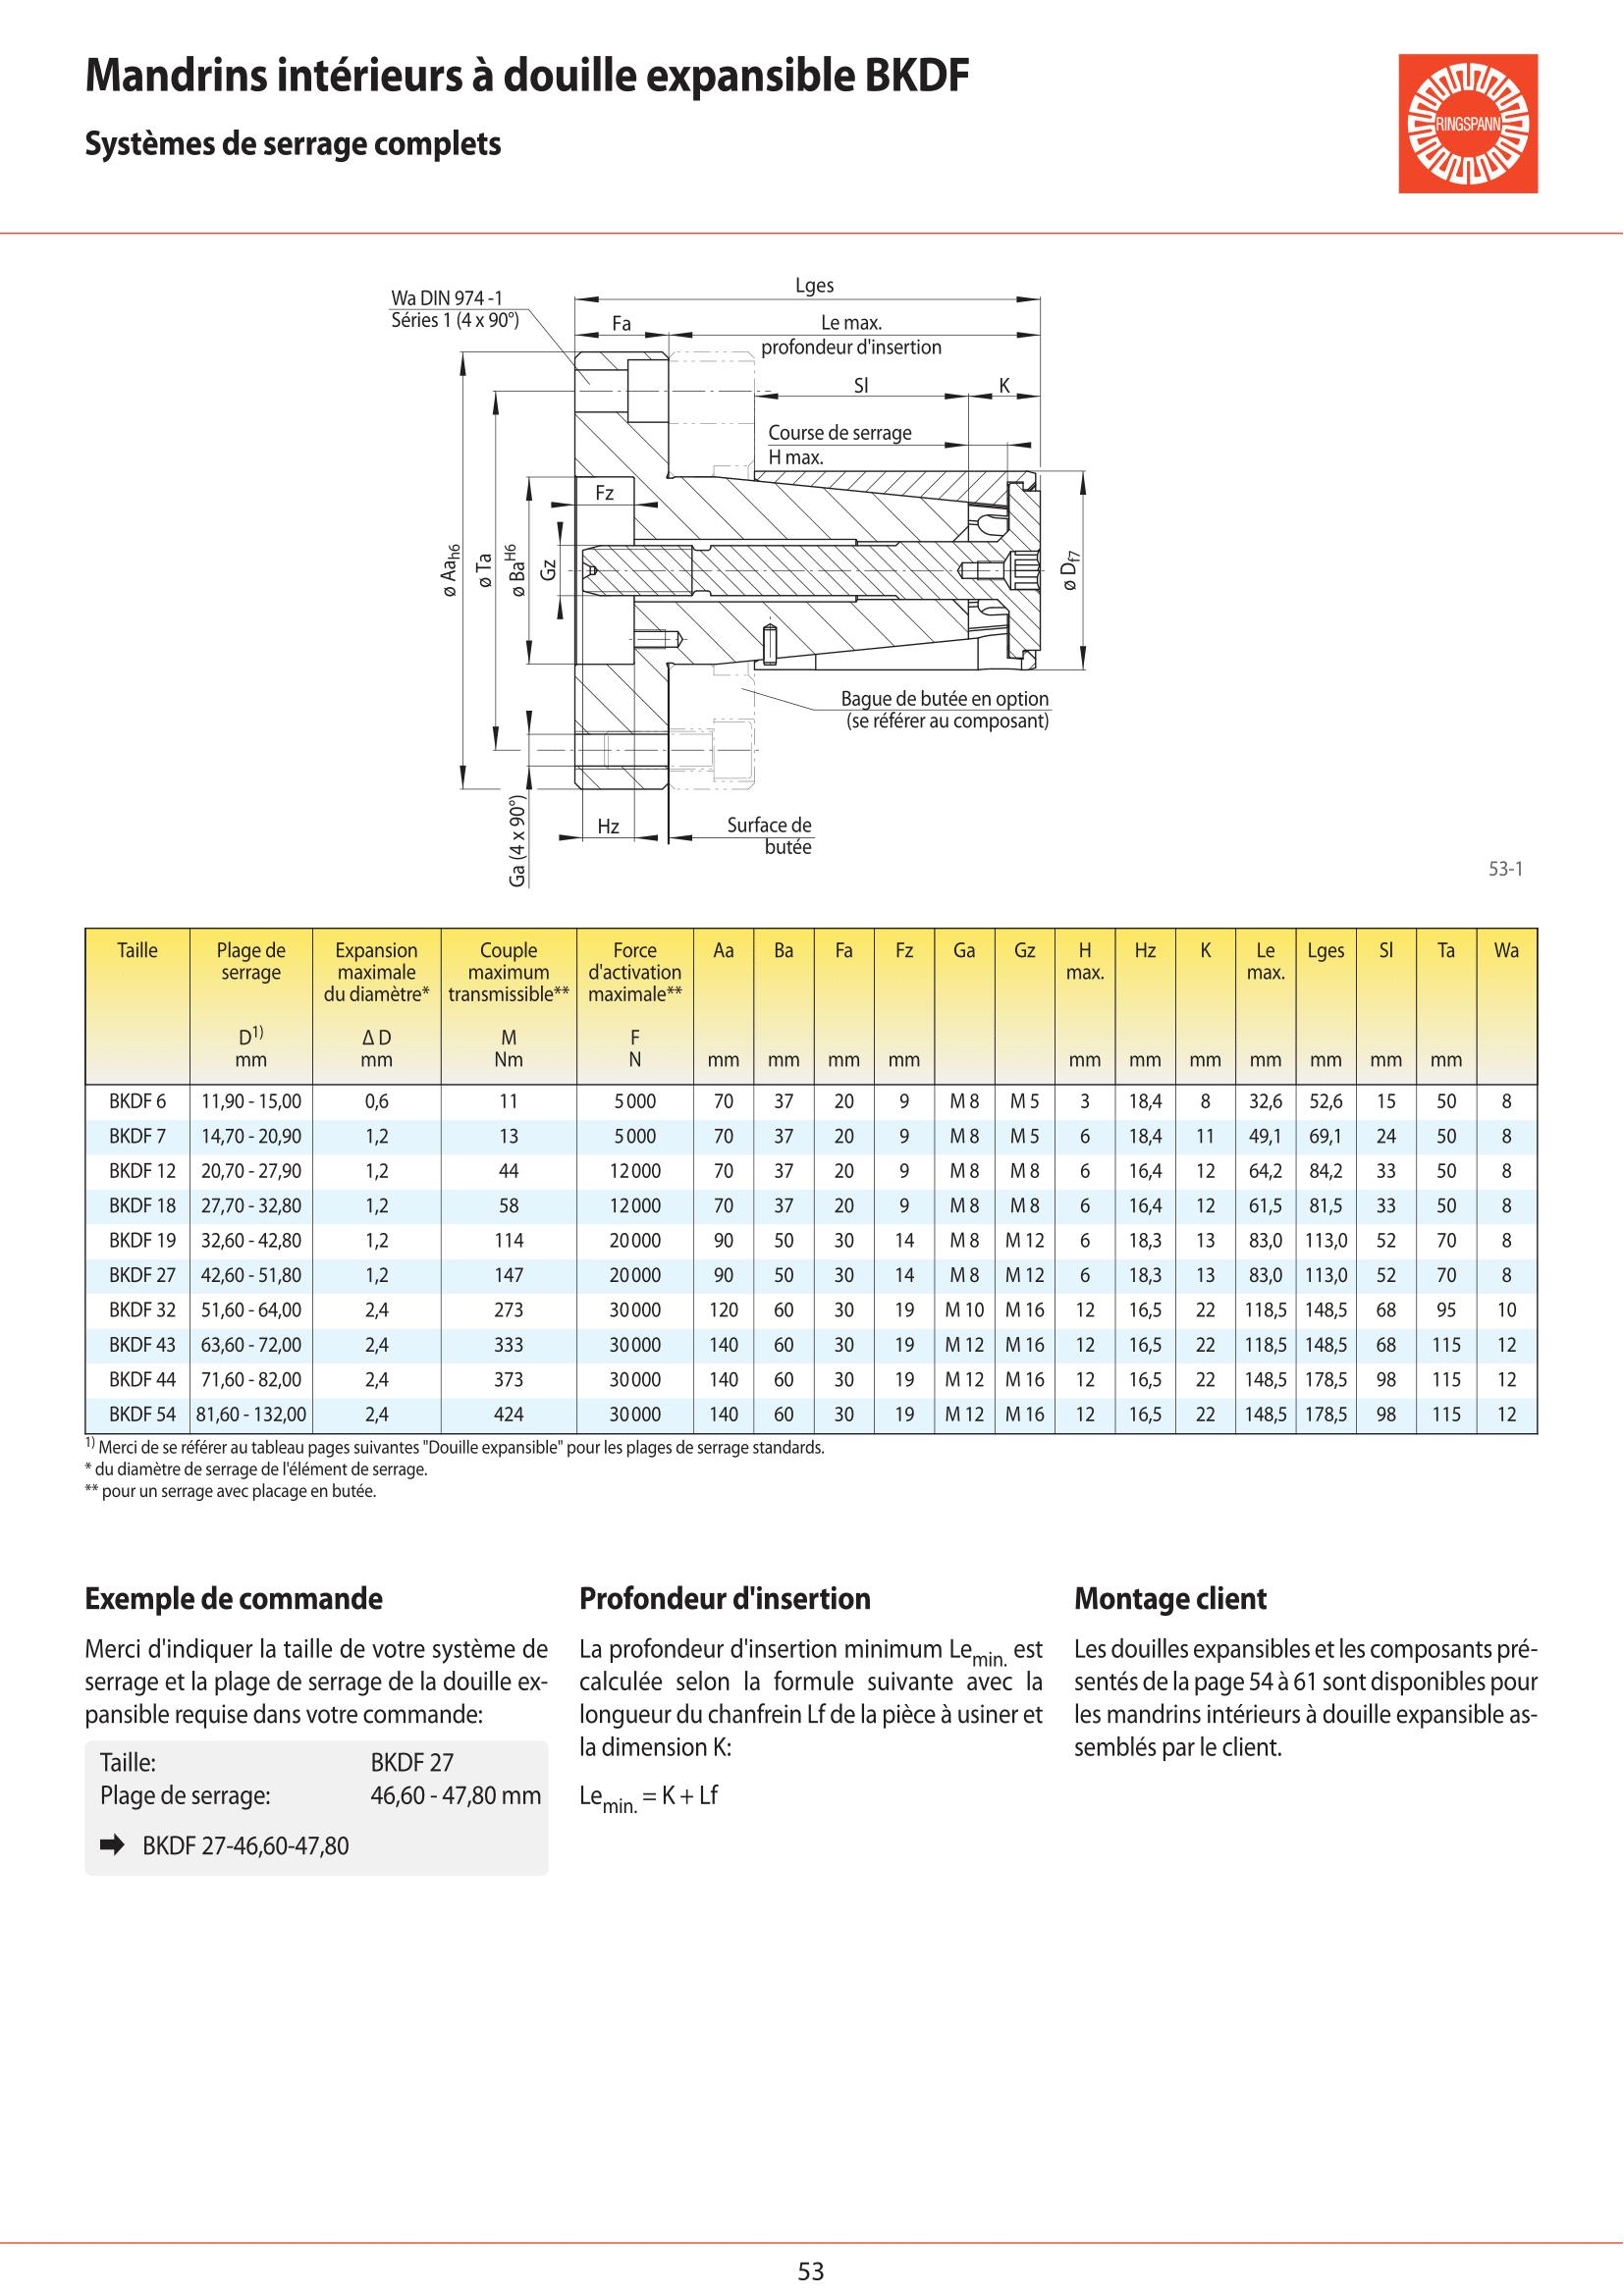 Fiche technique - BKDF 19 page 2